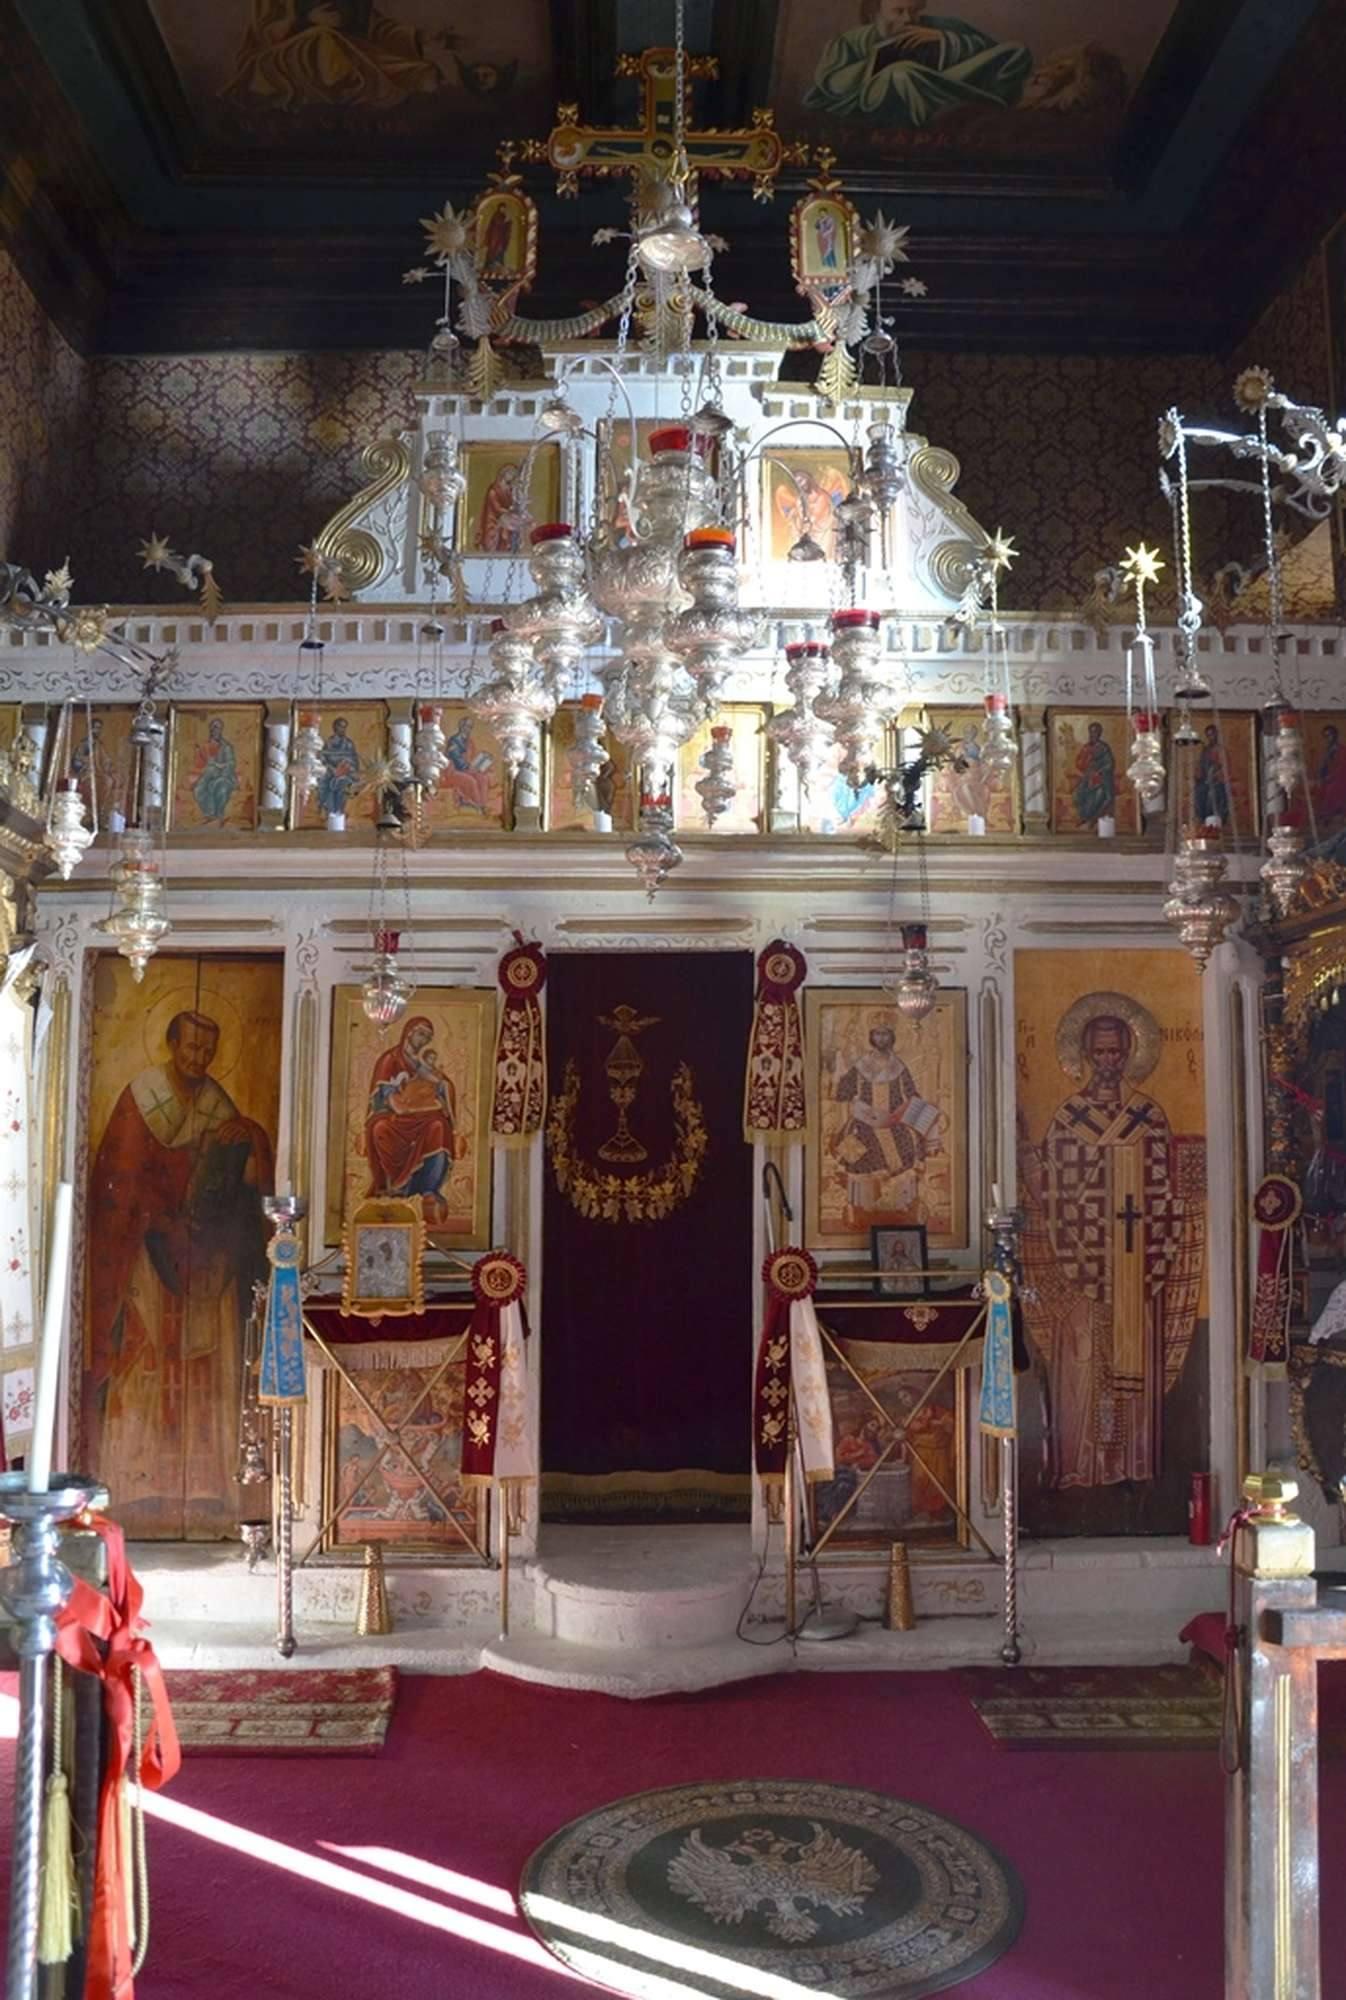 Иконостас в главном храме монастыря Пресвятой Богородицы Миртидиотиссы